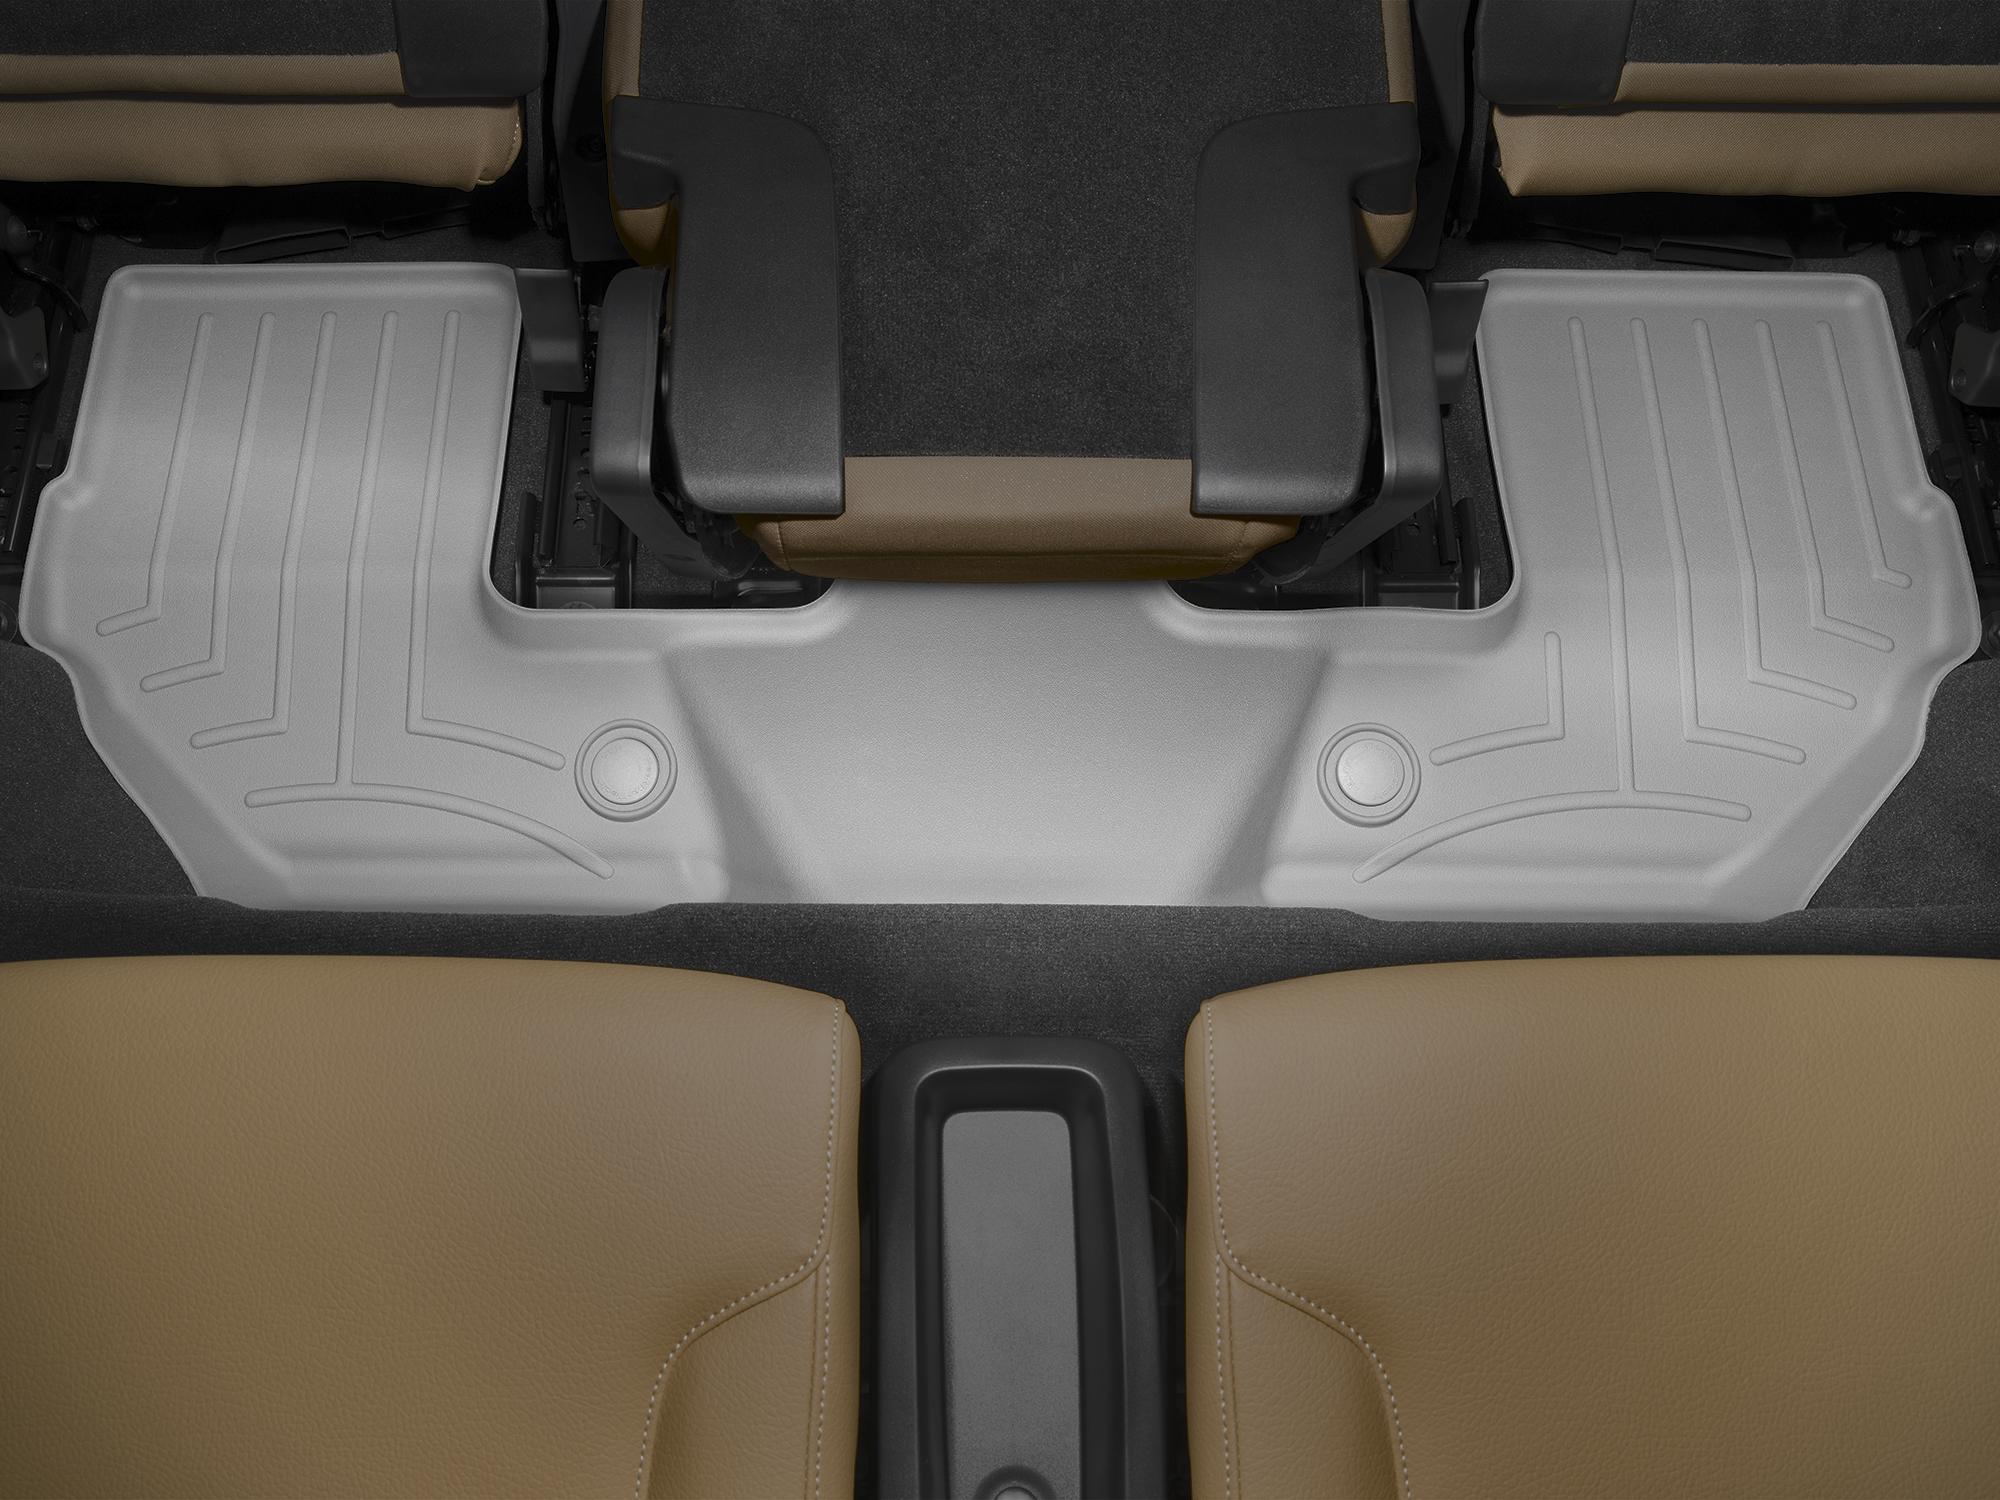 Tappeti gomma su misura bordo alto Volvo XC90 15>17 Grigio A4455*